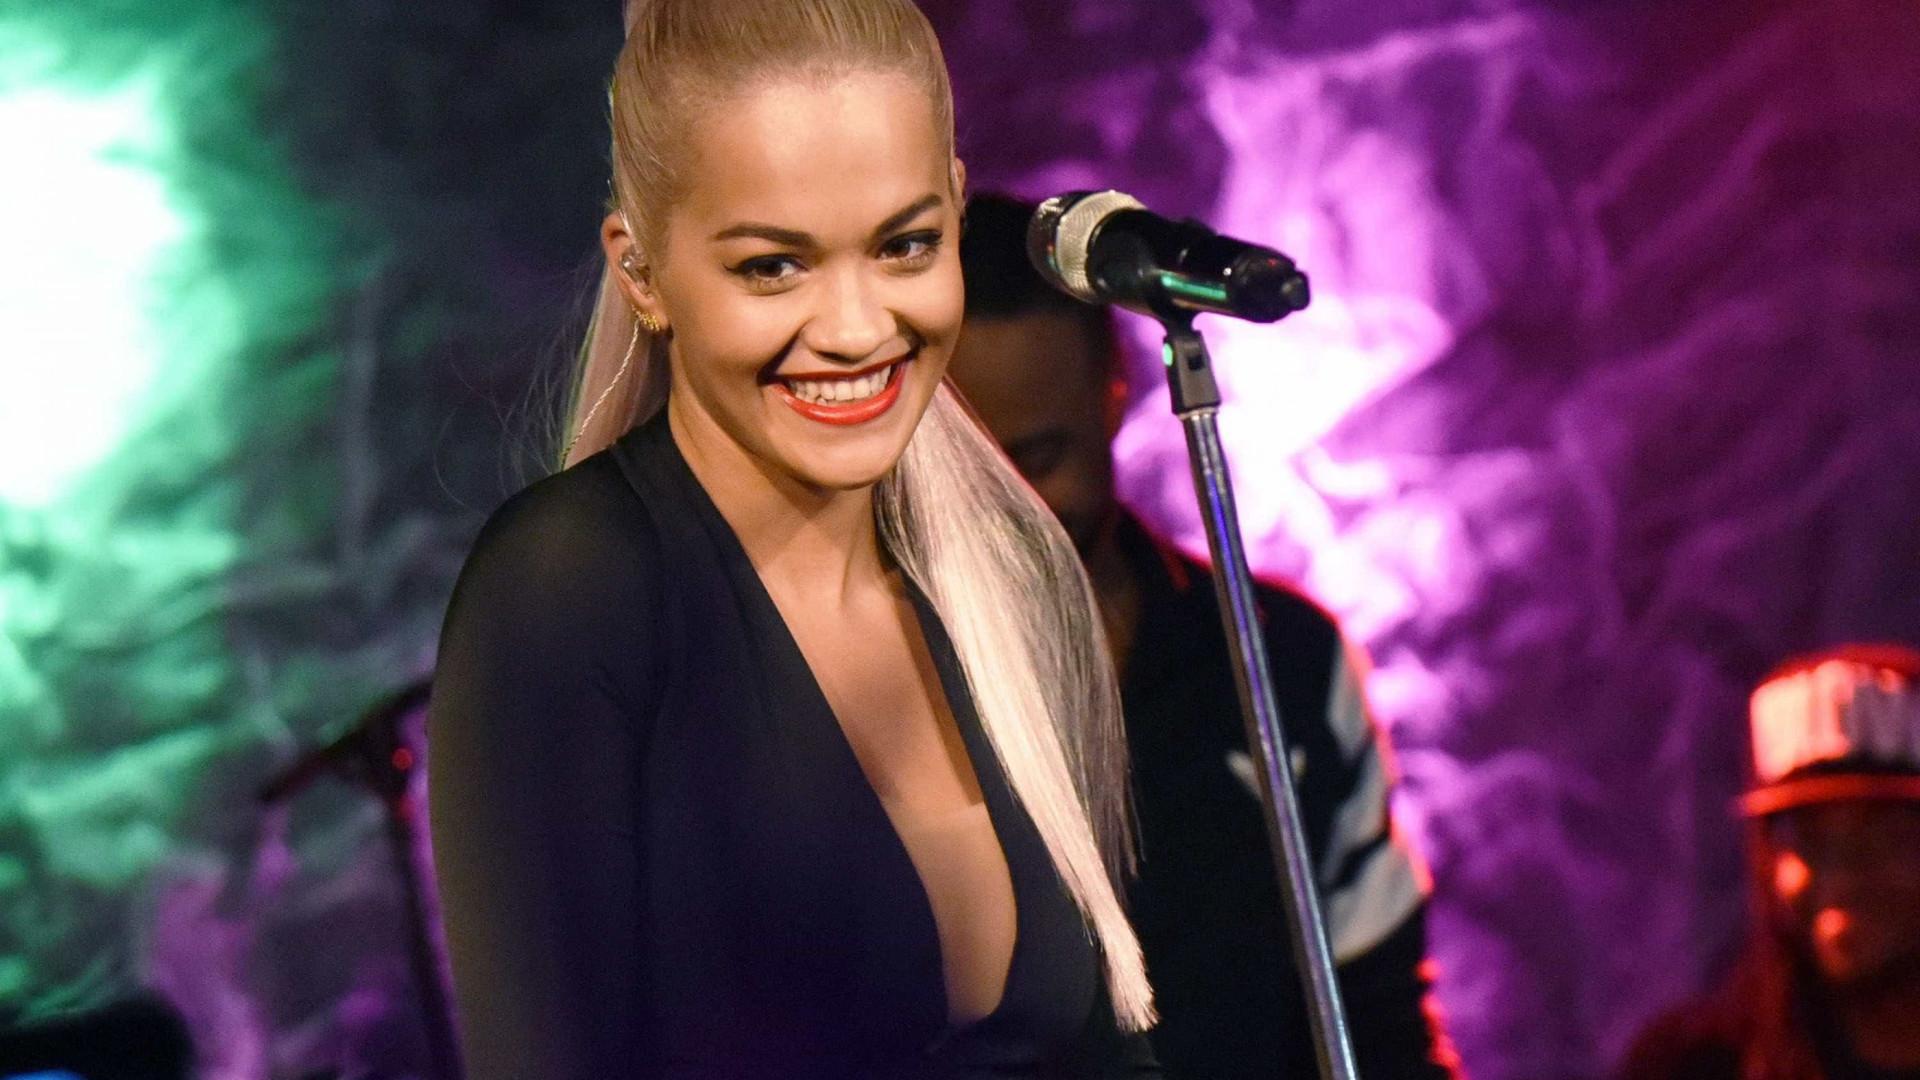 Rita Ora aposta em look sensual com decote ousado